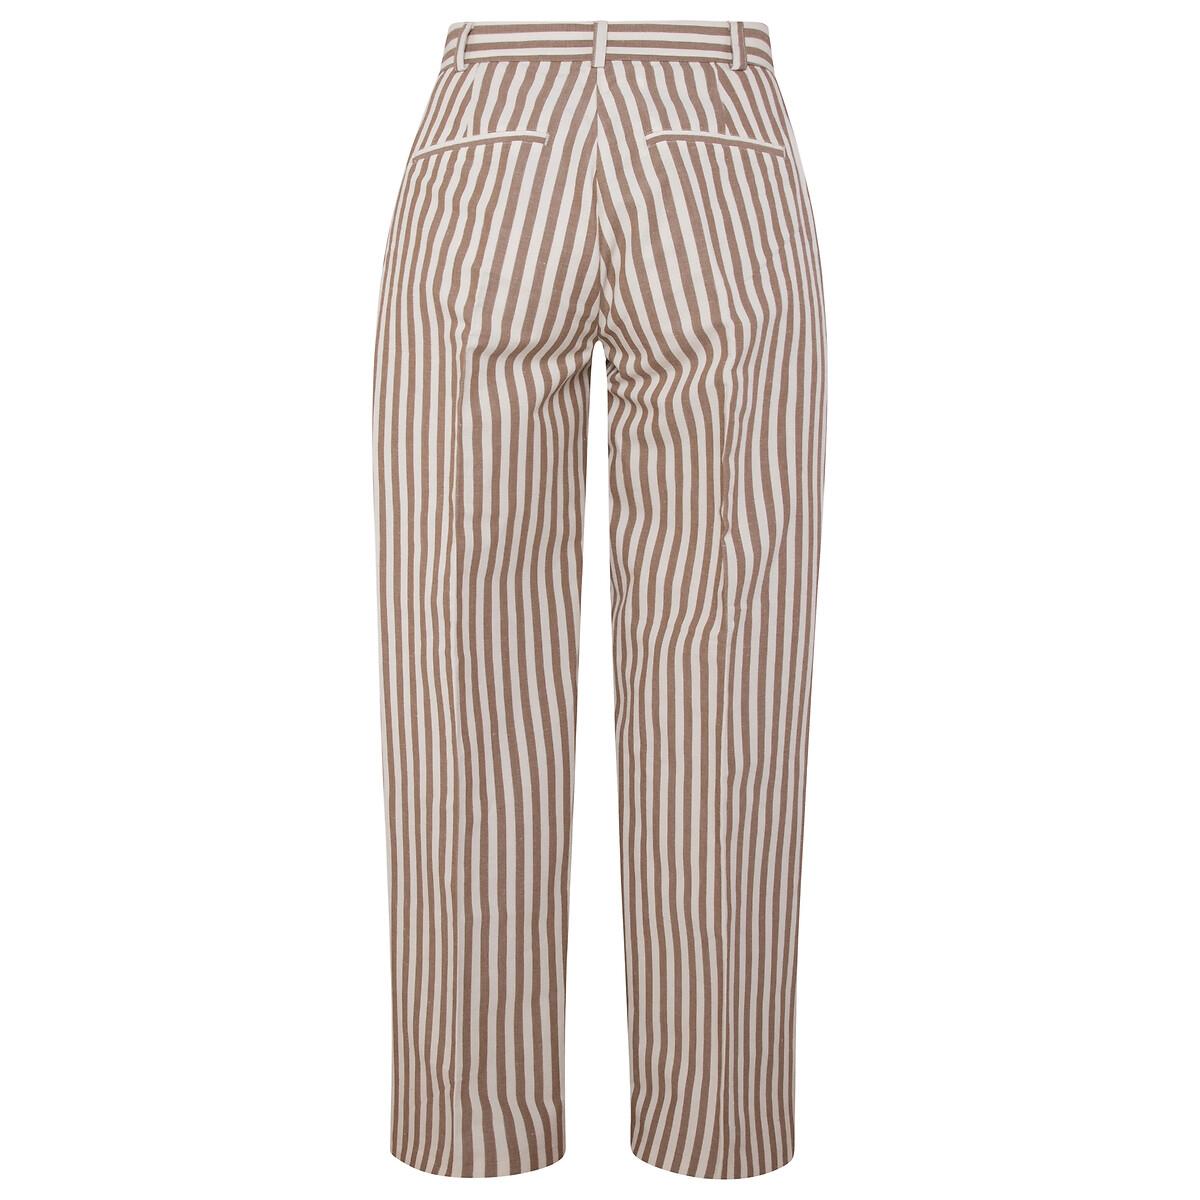 Pantalón ancho a rayas, de talle alto